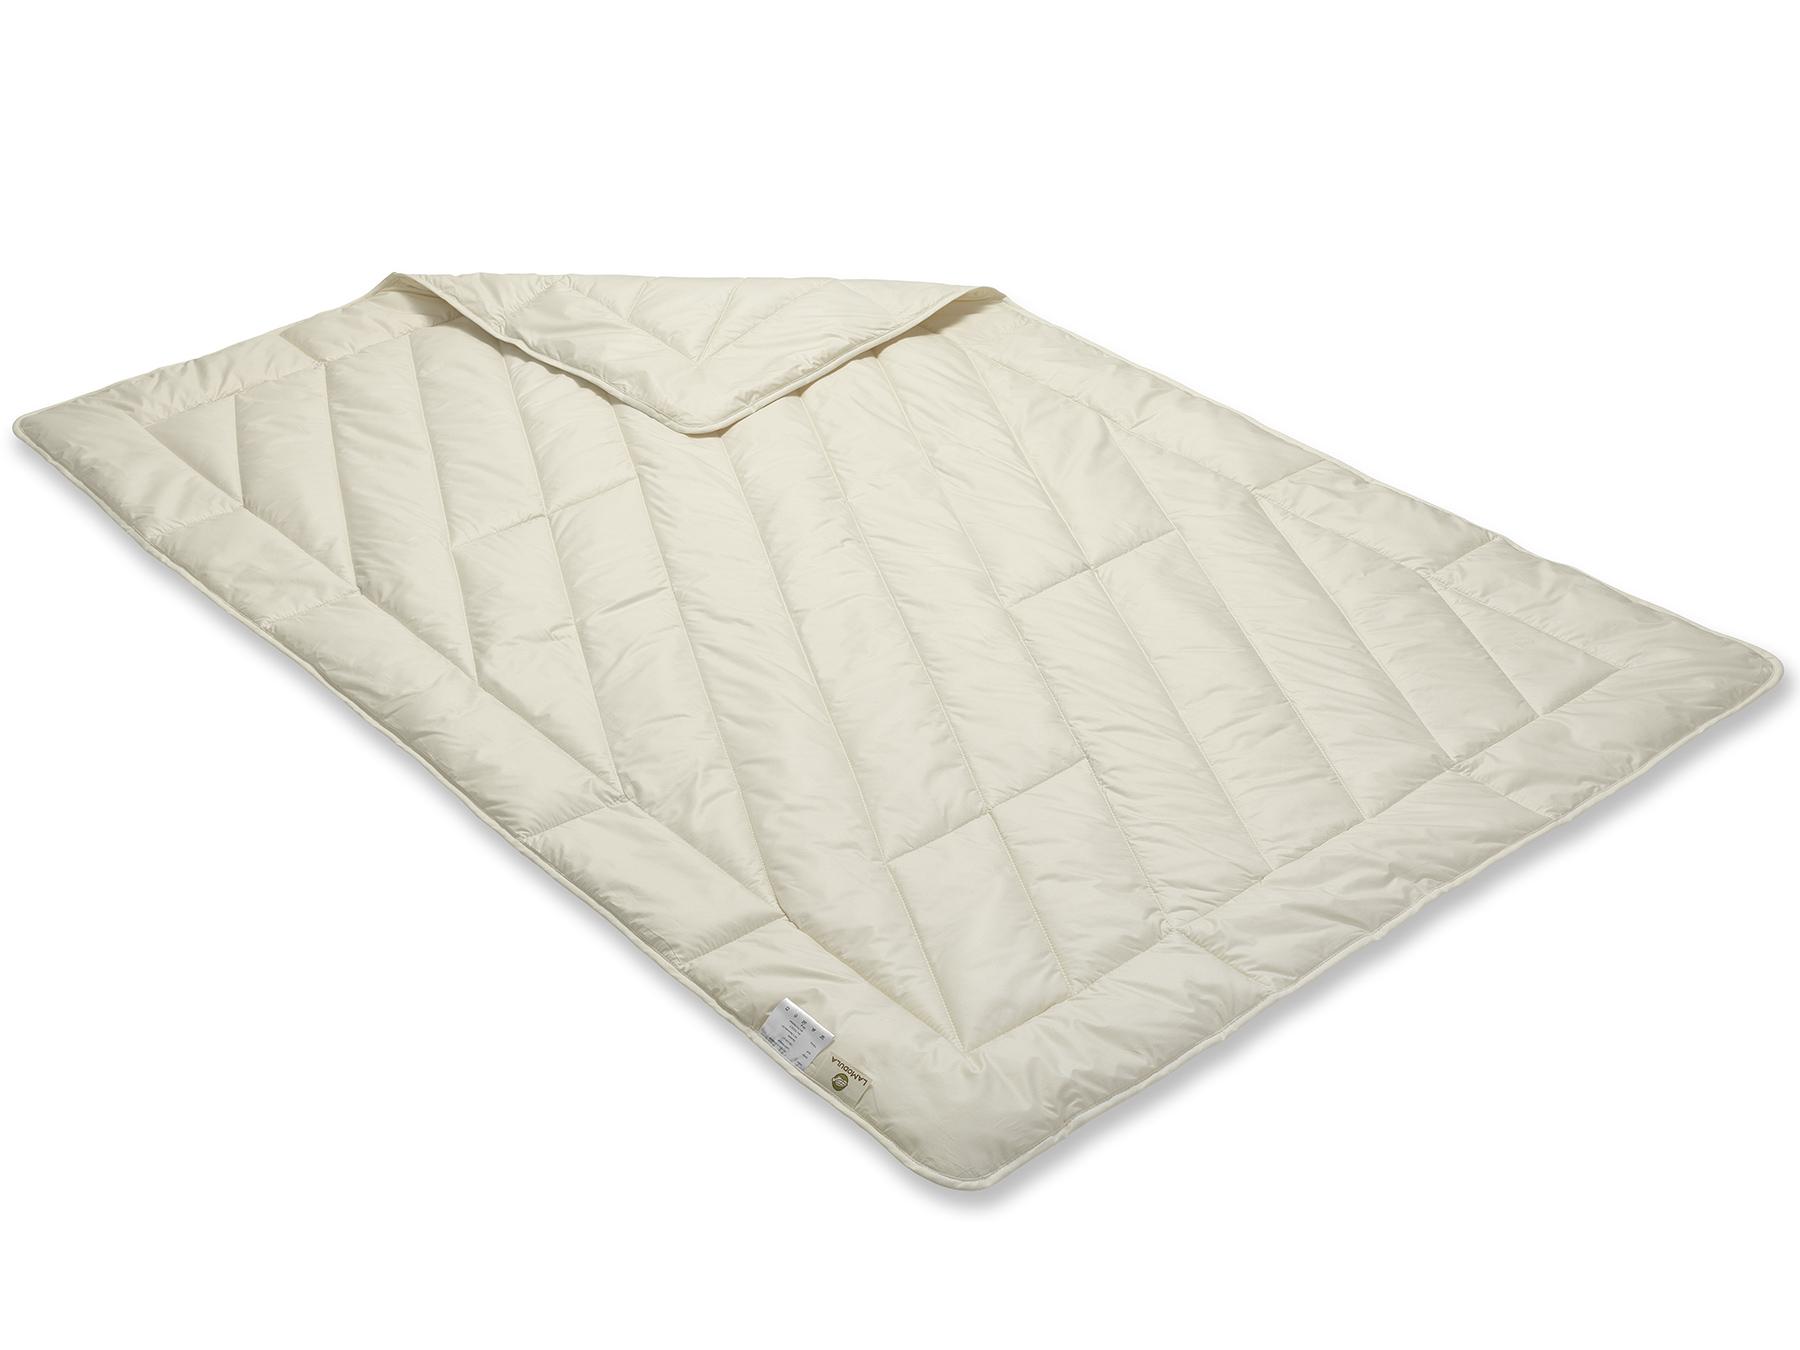 Die Decke wir mit der Einnadeltechnik hergestellt und schimmert durch das weiße Füllmaterial cremig.